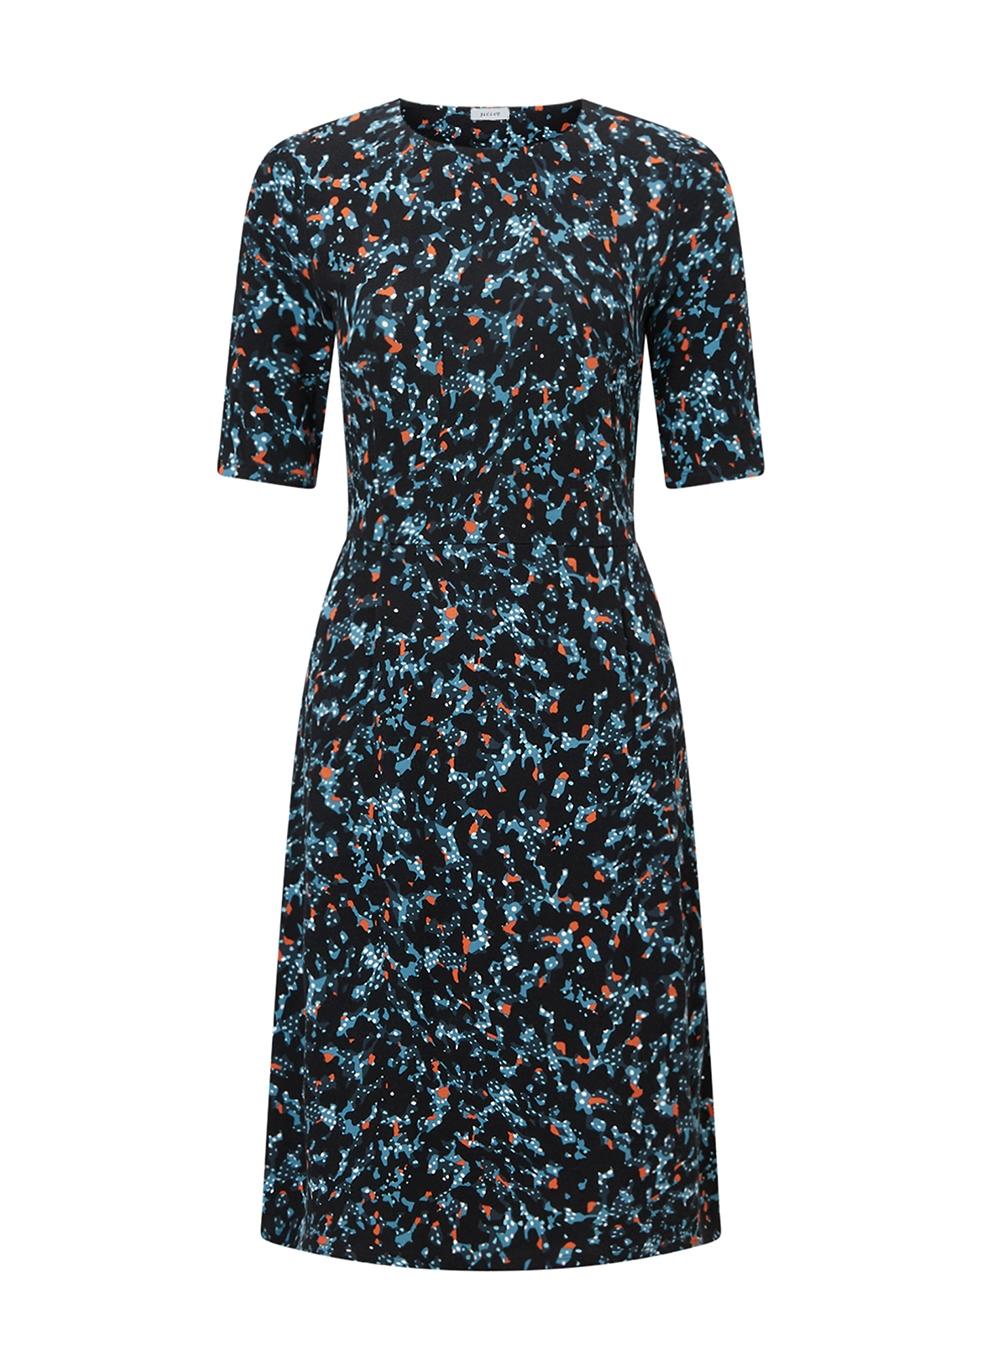 JIGSAW ISLAND PRINT WAISTED DRESS